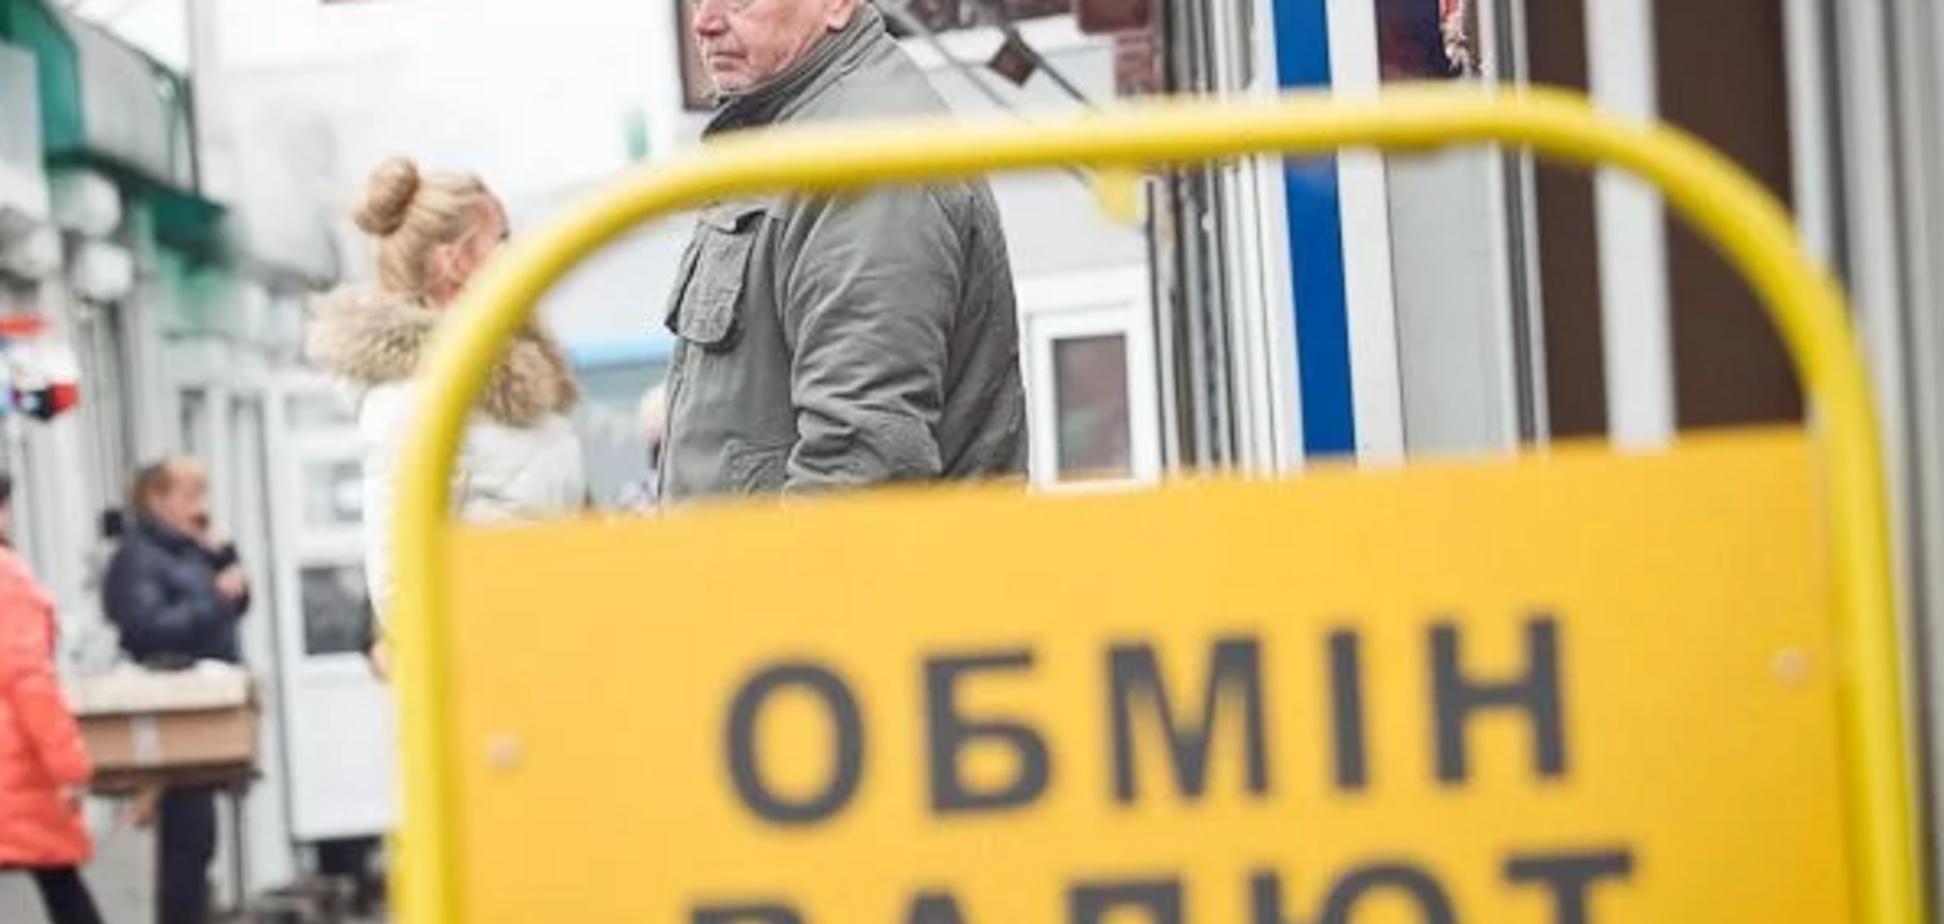 Яким буде курс валют в Україні до кінця зими: банкіри дали прогноз